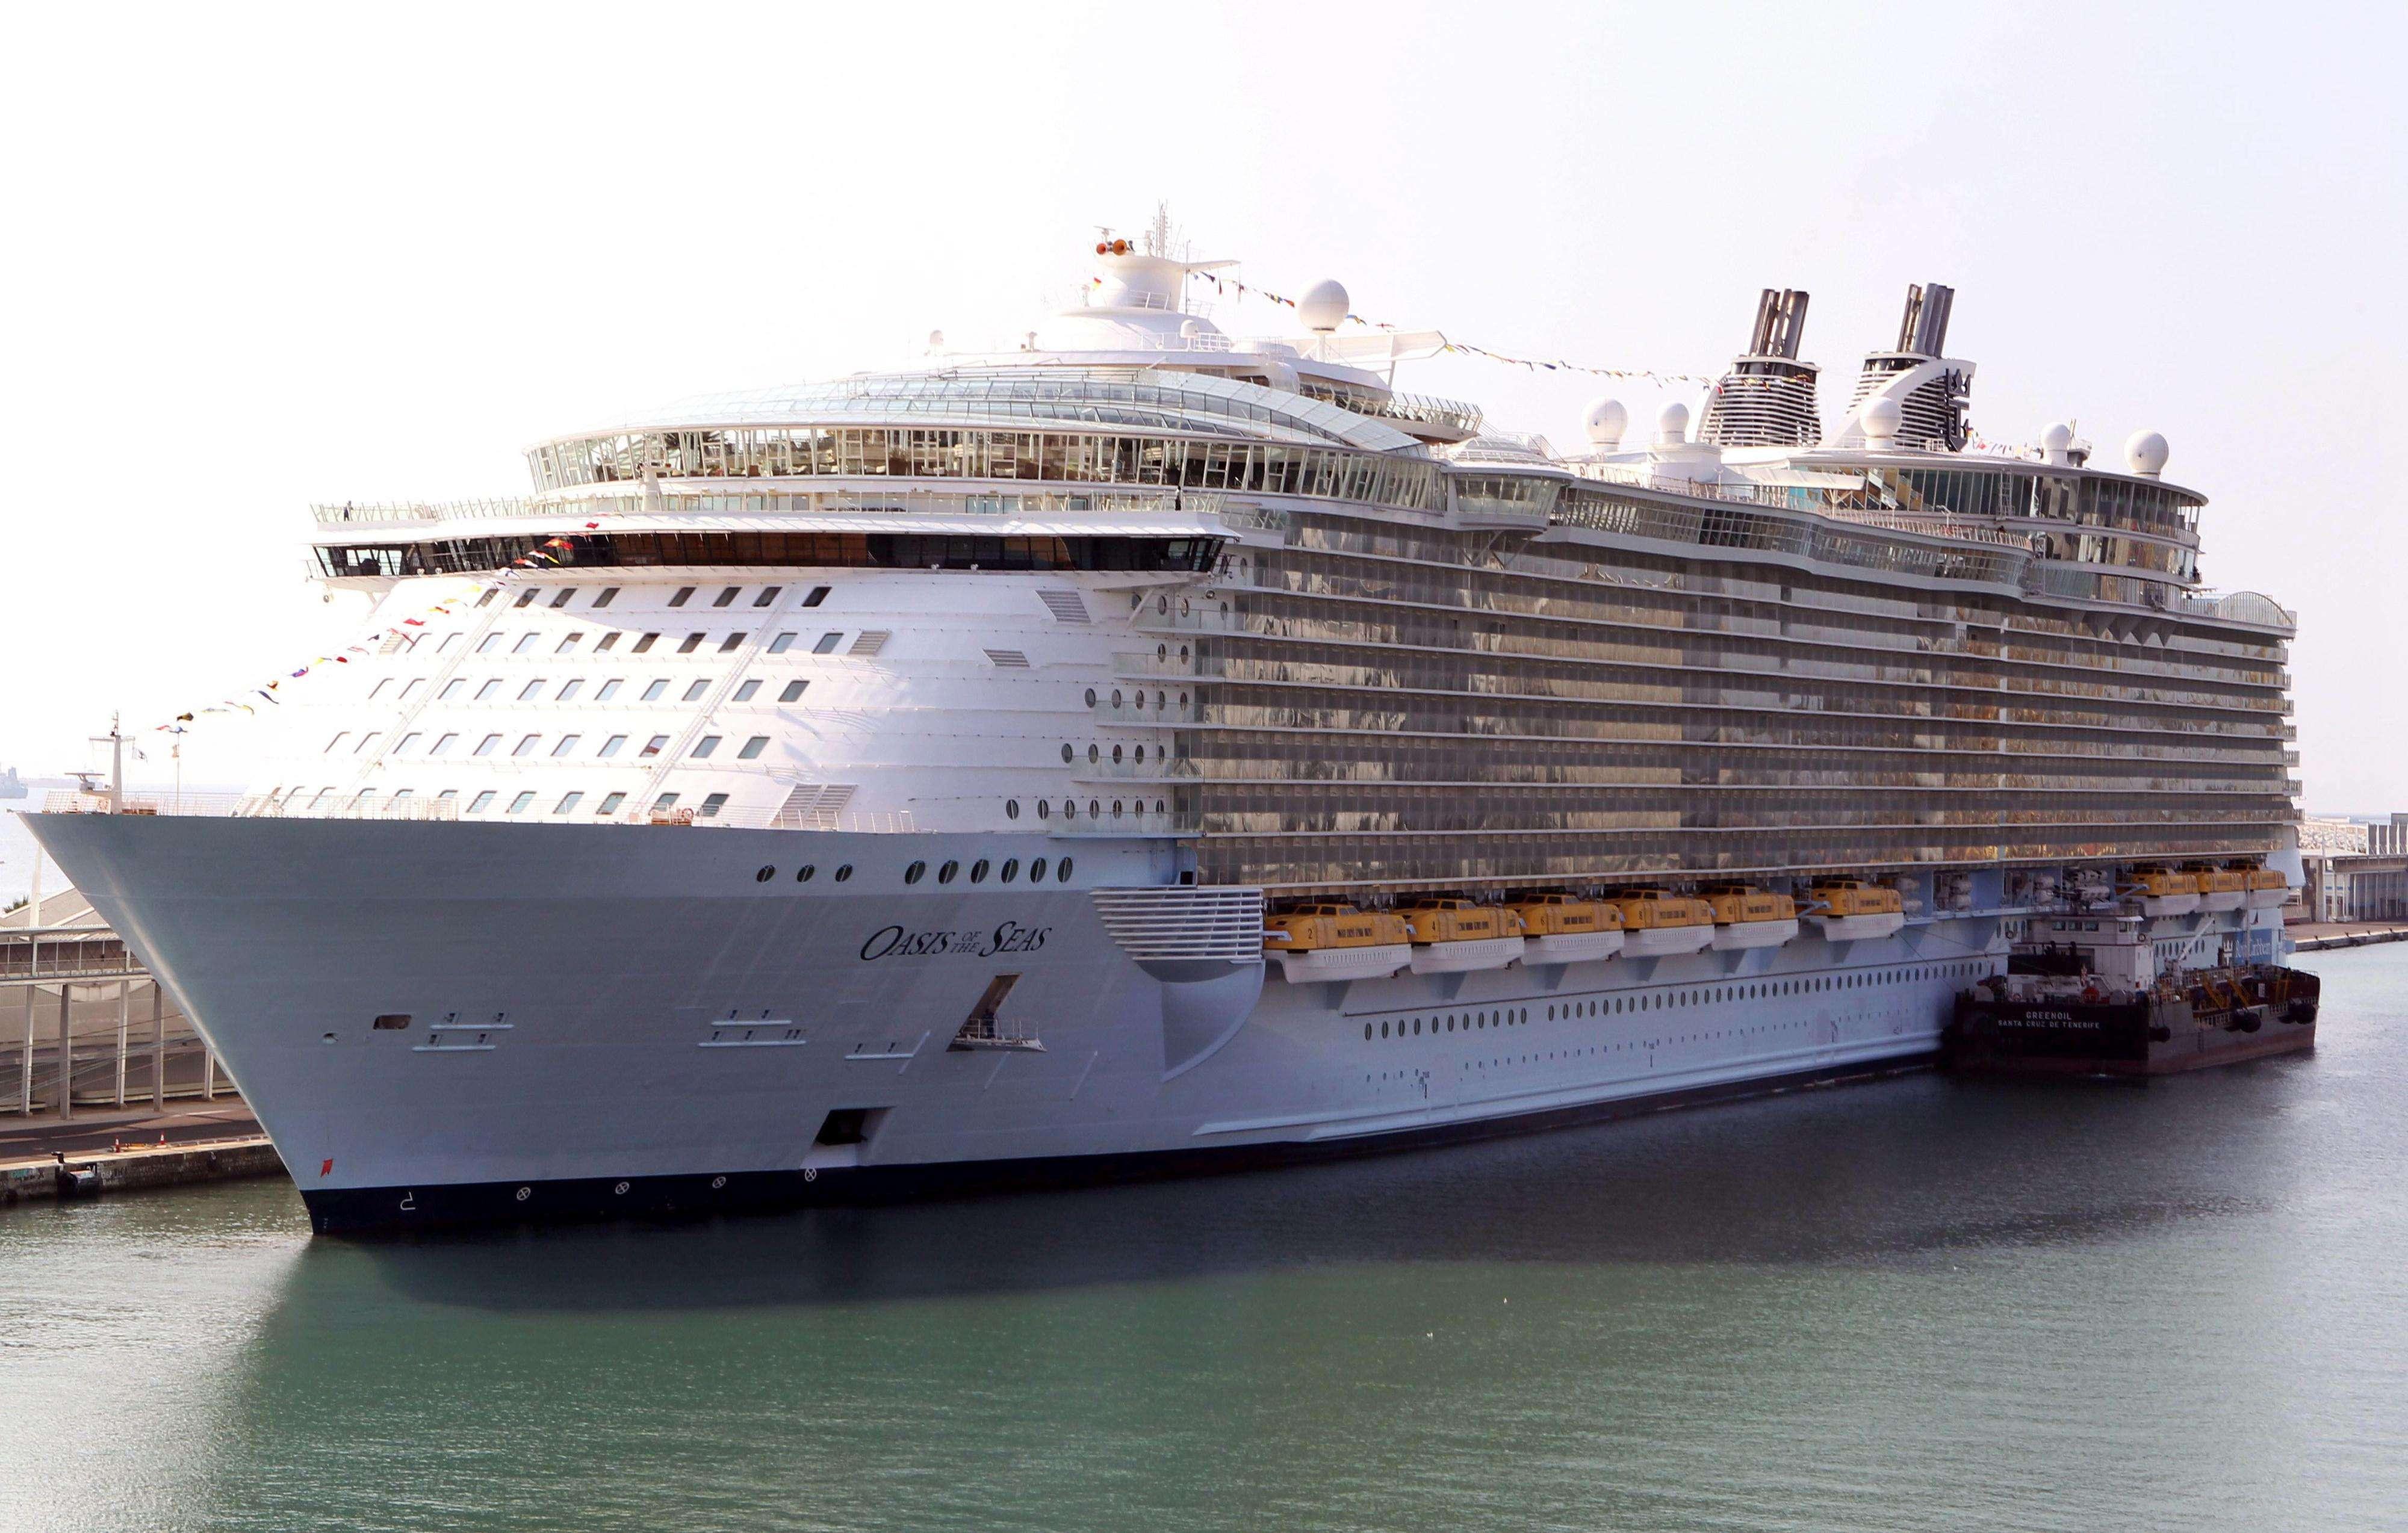 El Oasis of the Seas de la naviera Royal Caribbean, el mayor crucero del mundo, ha atracado hoy en el puerto de Barcelona. Foto: EFE